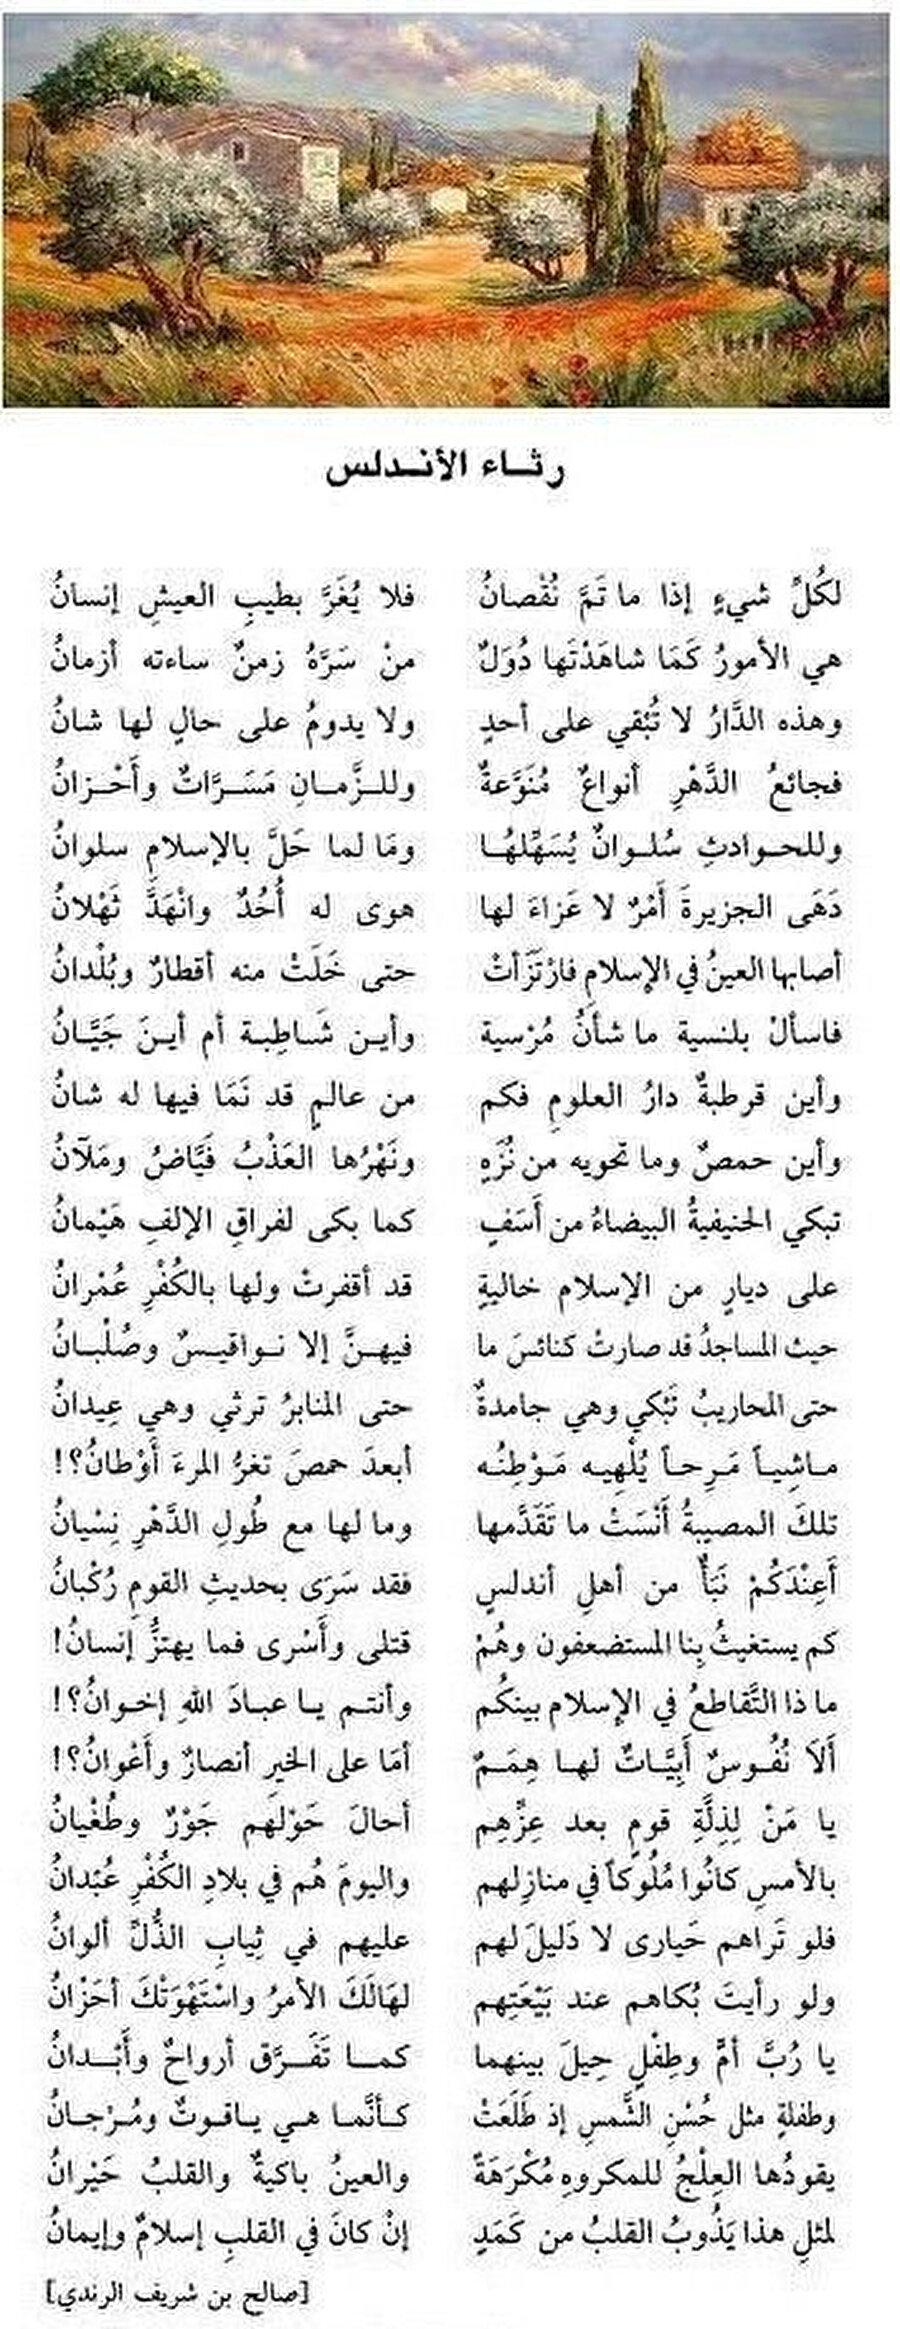 """Endülüslü Şair Ebü'l-Bekâ er-Rundî'nin Endülüs topraklarında yaşanan kayıplar sebebiyle yazdığı meşhur """"Risâü'l-Endelüs"""" isimli mersiyesi."""